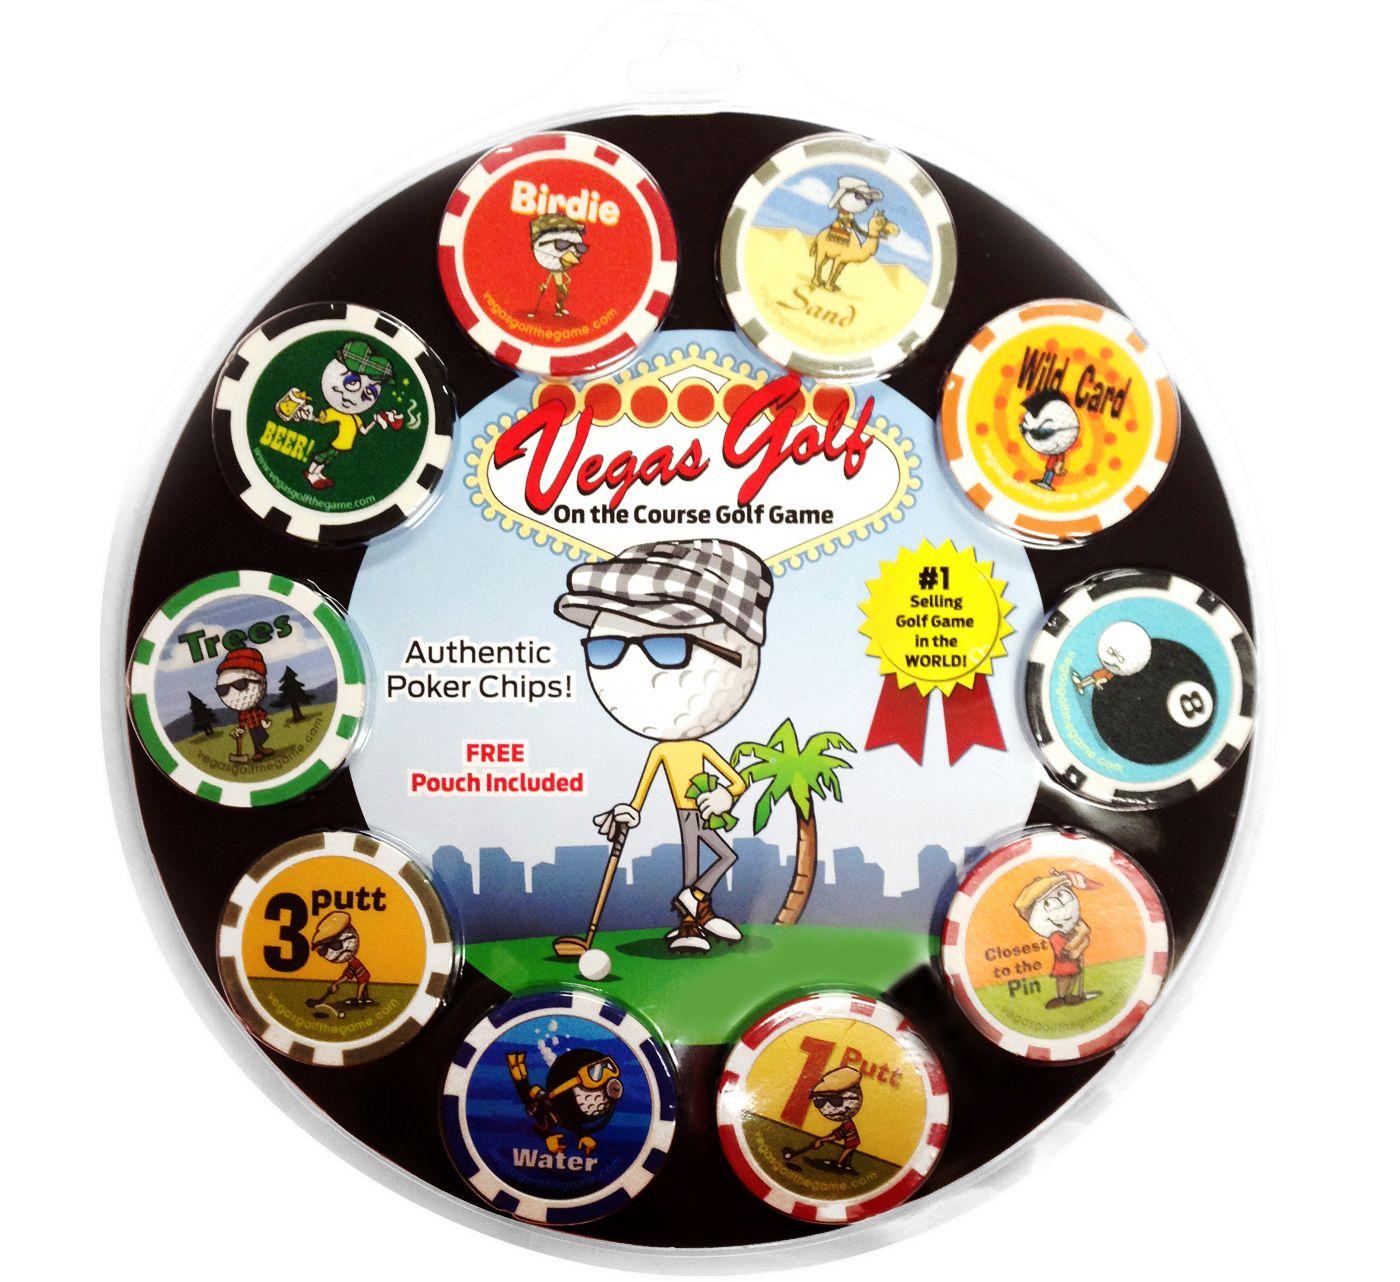 Vegas Golf Group Poker Game - 10 Chip Set